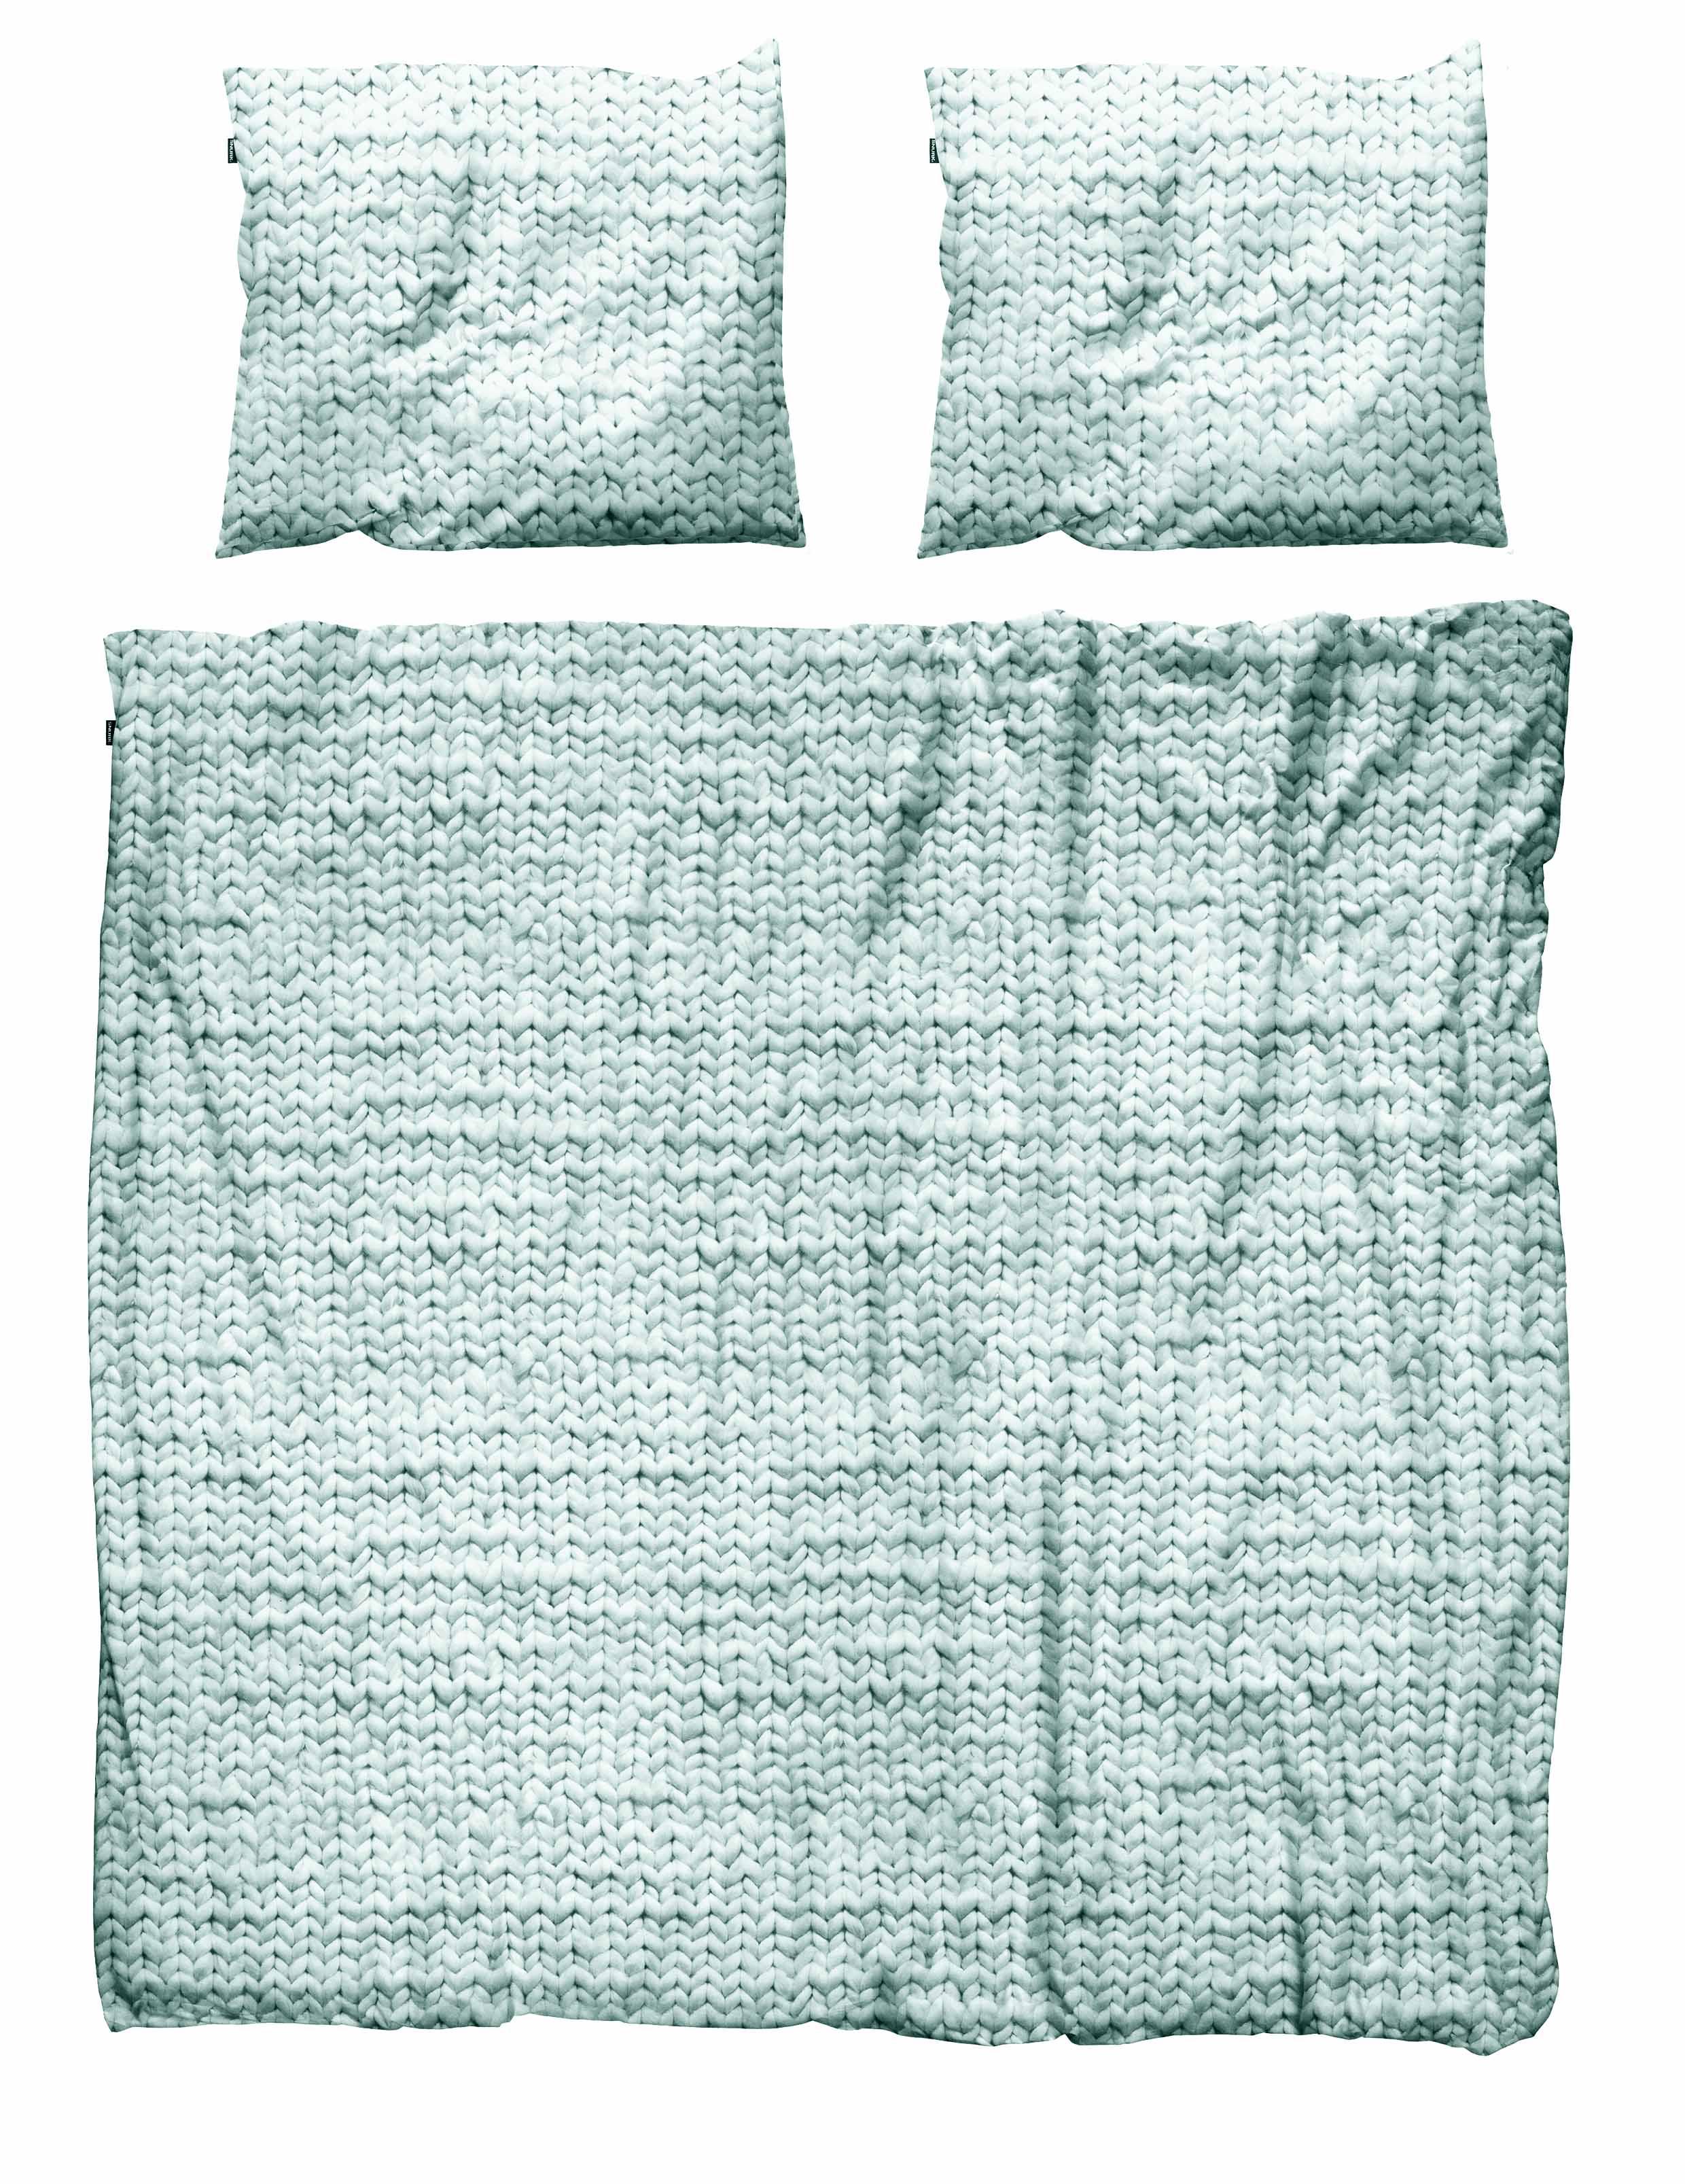 Купить Комплект постельного белья Косичка зеленый 220х200 фланель, inmyroom, Нидерланды